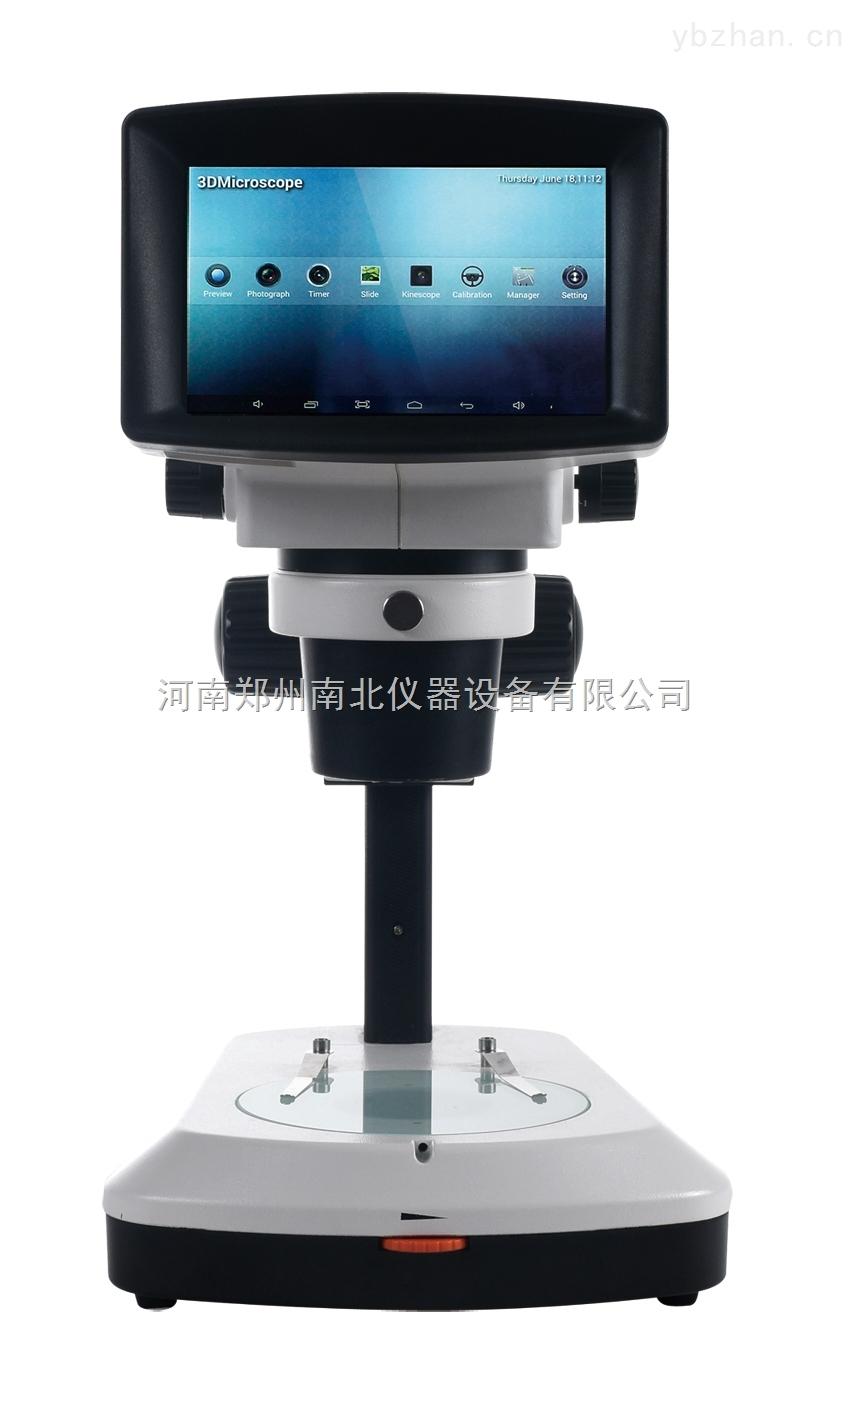 3D立體顯微鏡,高清晰3D立體顯微鏡